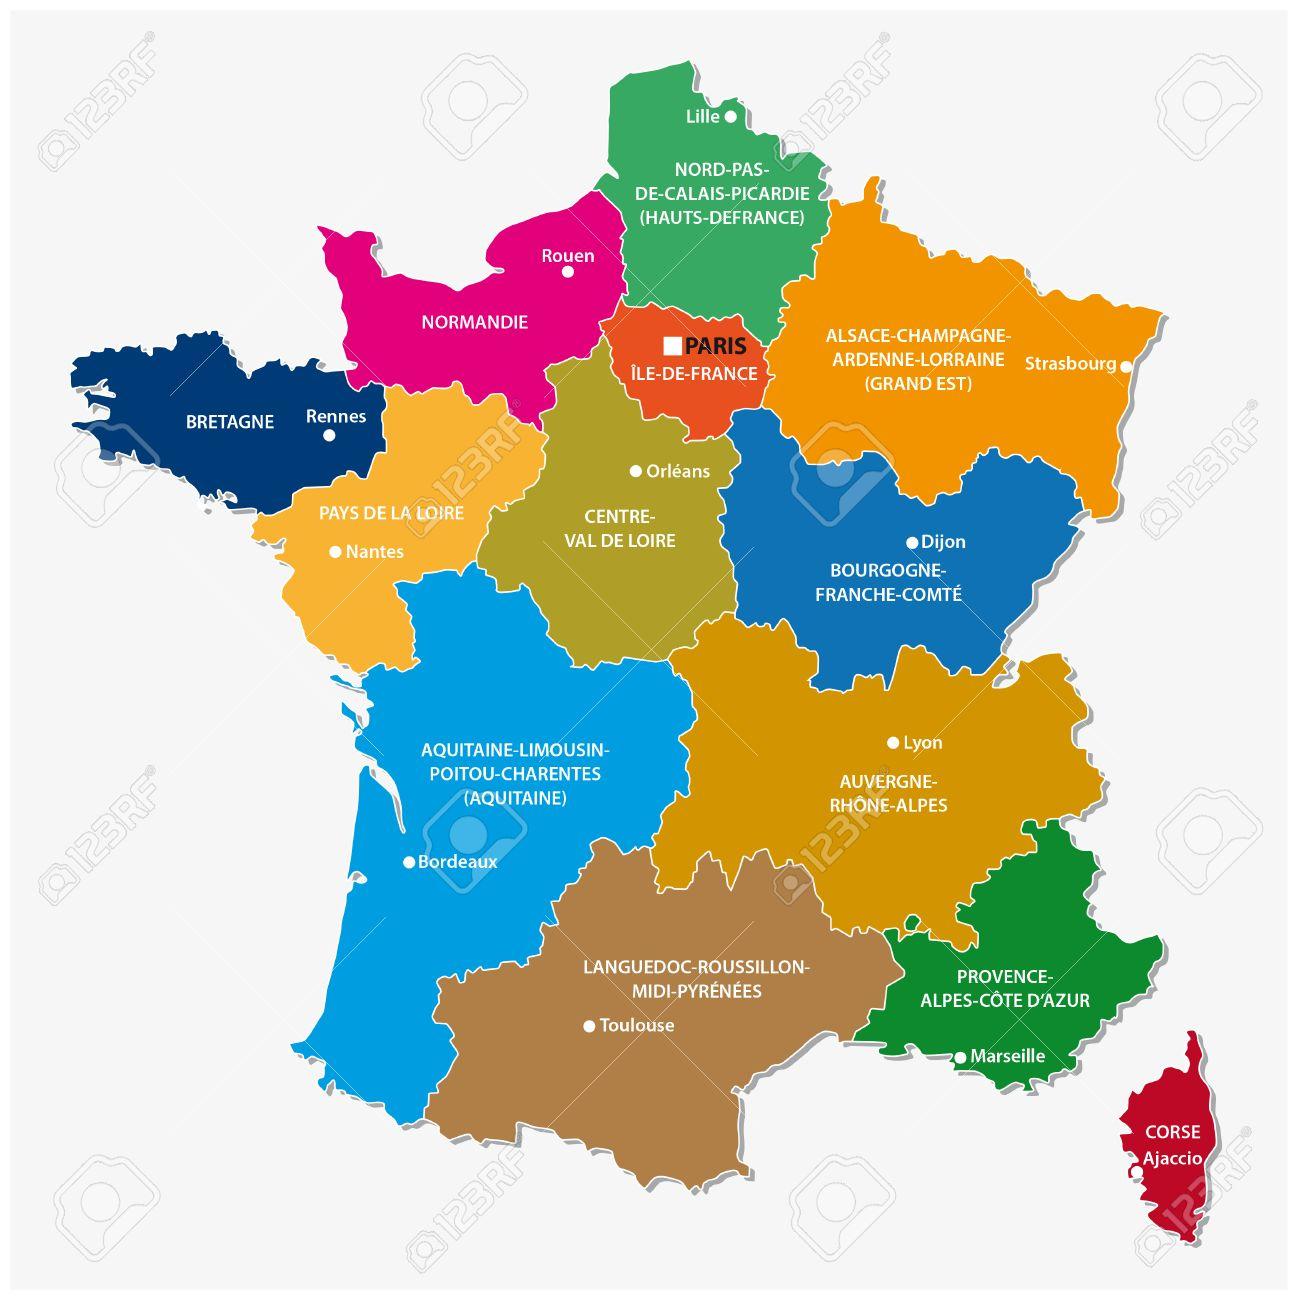 Les Nouvelles Régions De France Depuis La Carte dedans Carte De France Nouvelles Régions